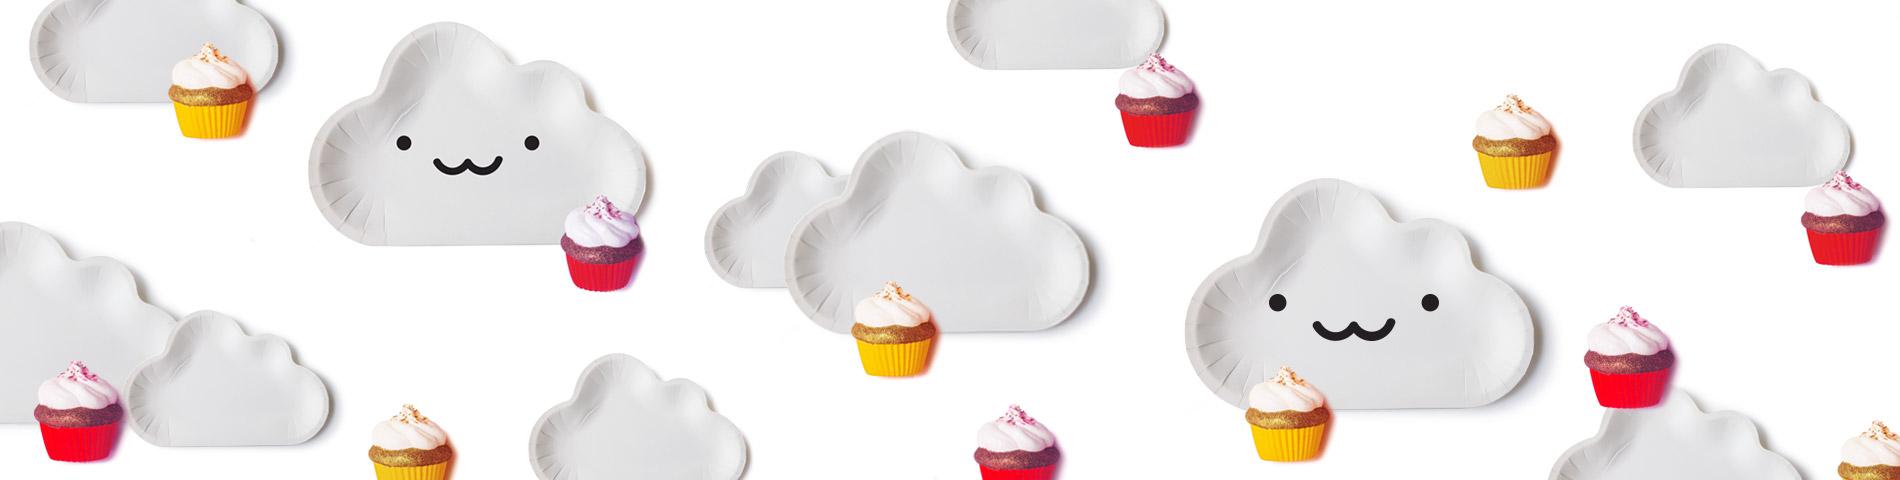 Ultimo    En forma de nube    Plato de pastel